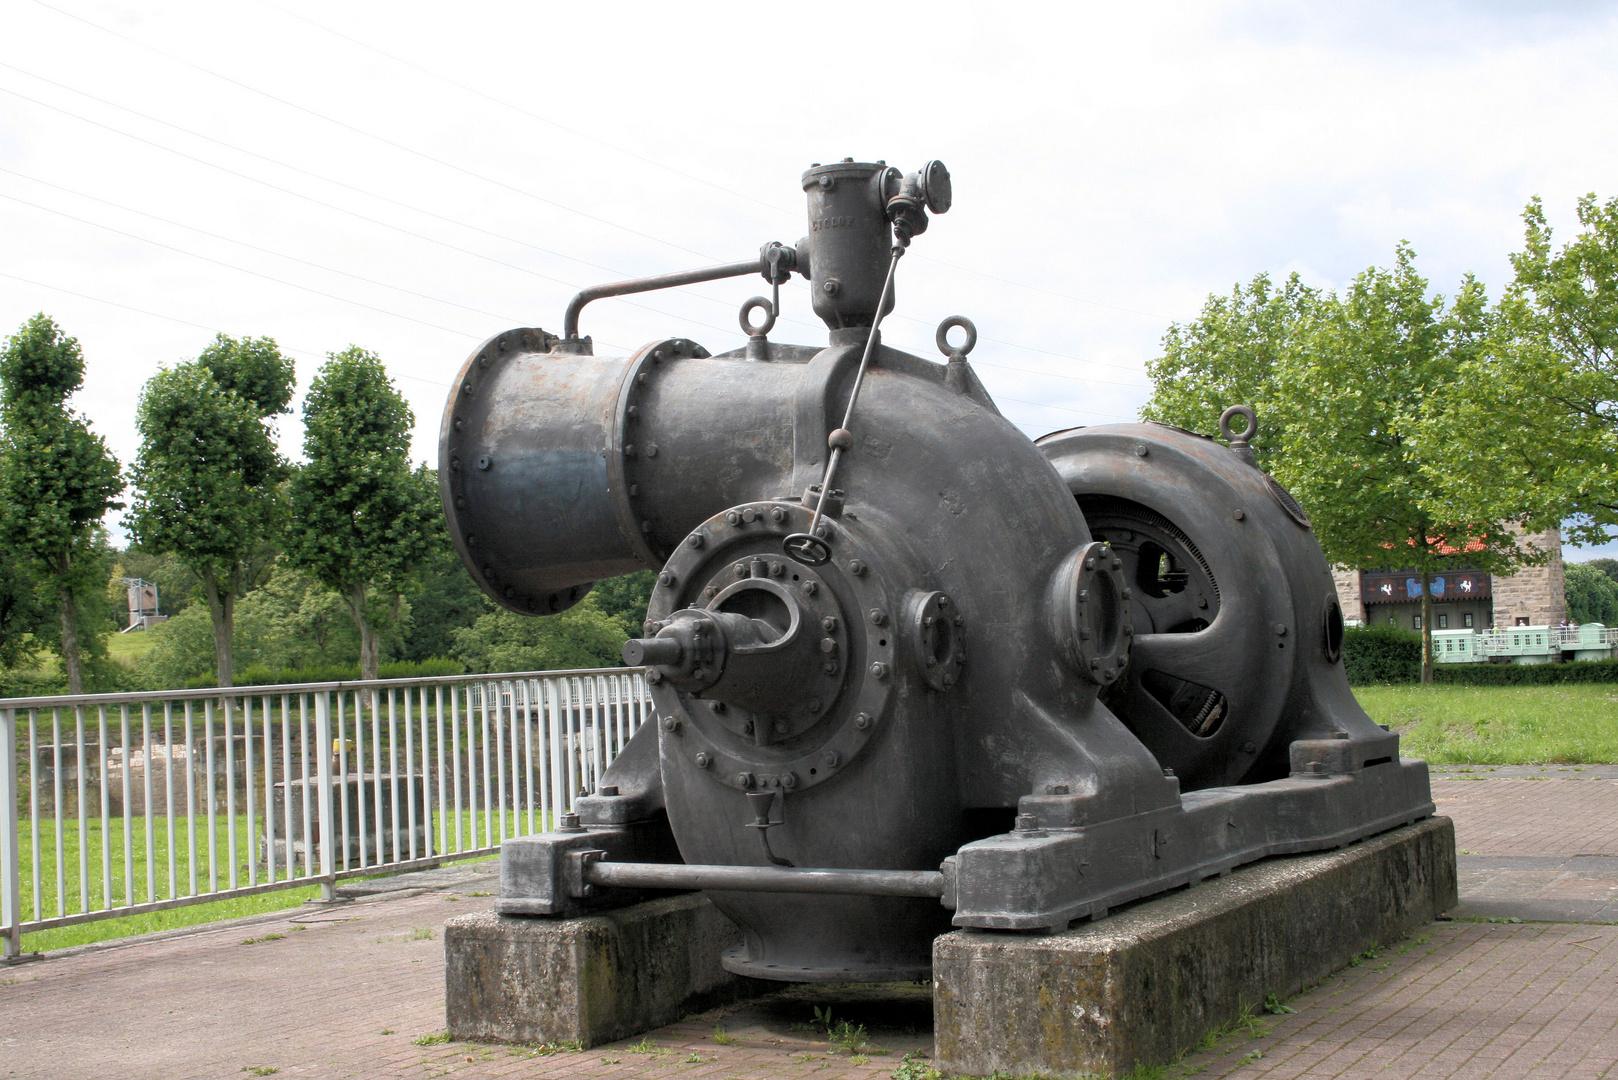 turbine im schleusenpark henrichenburg